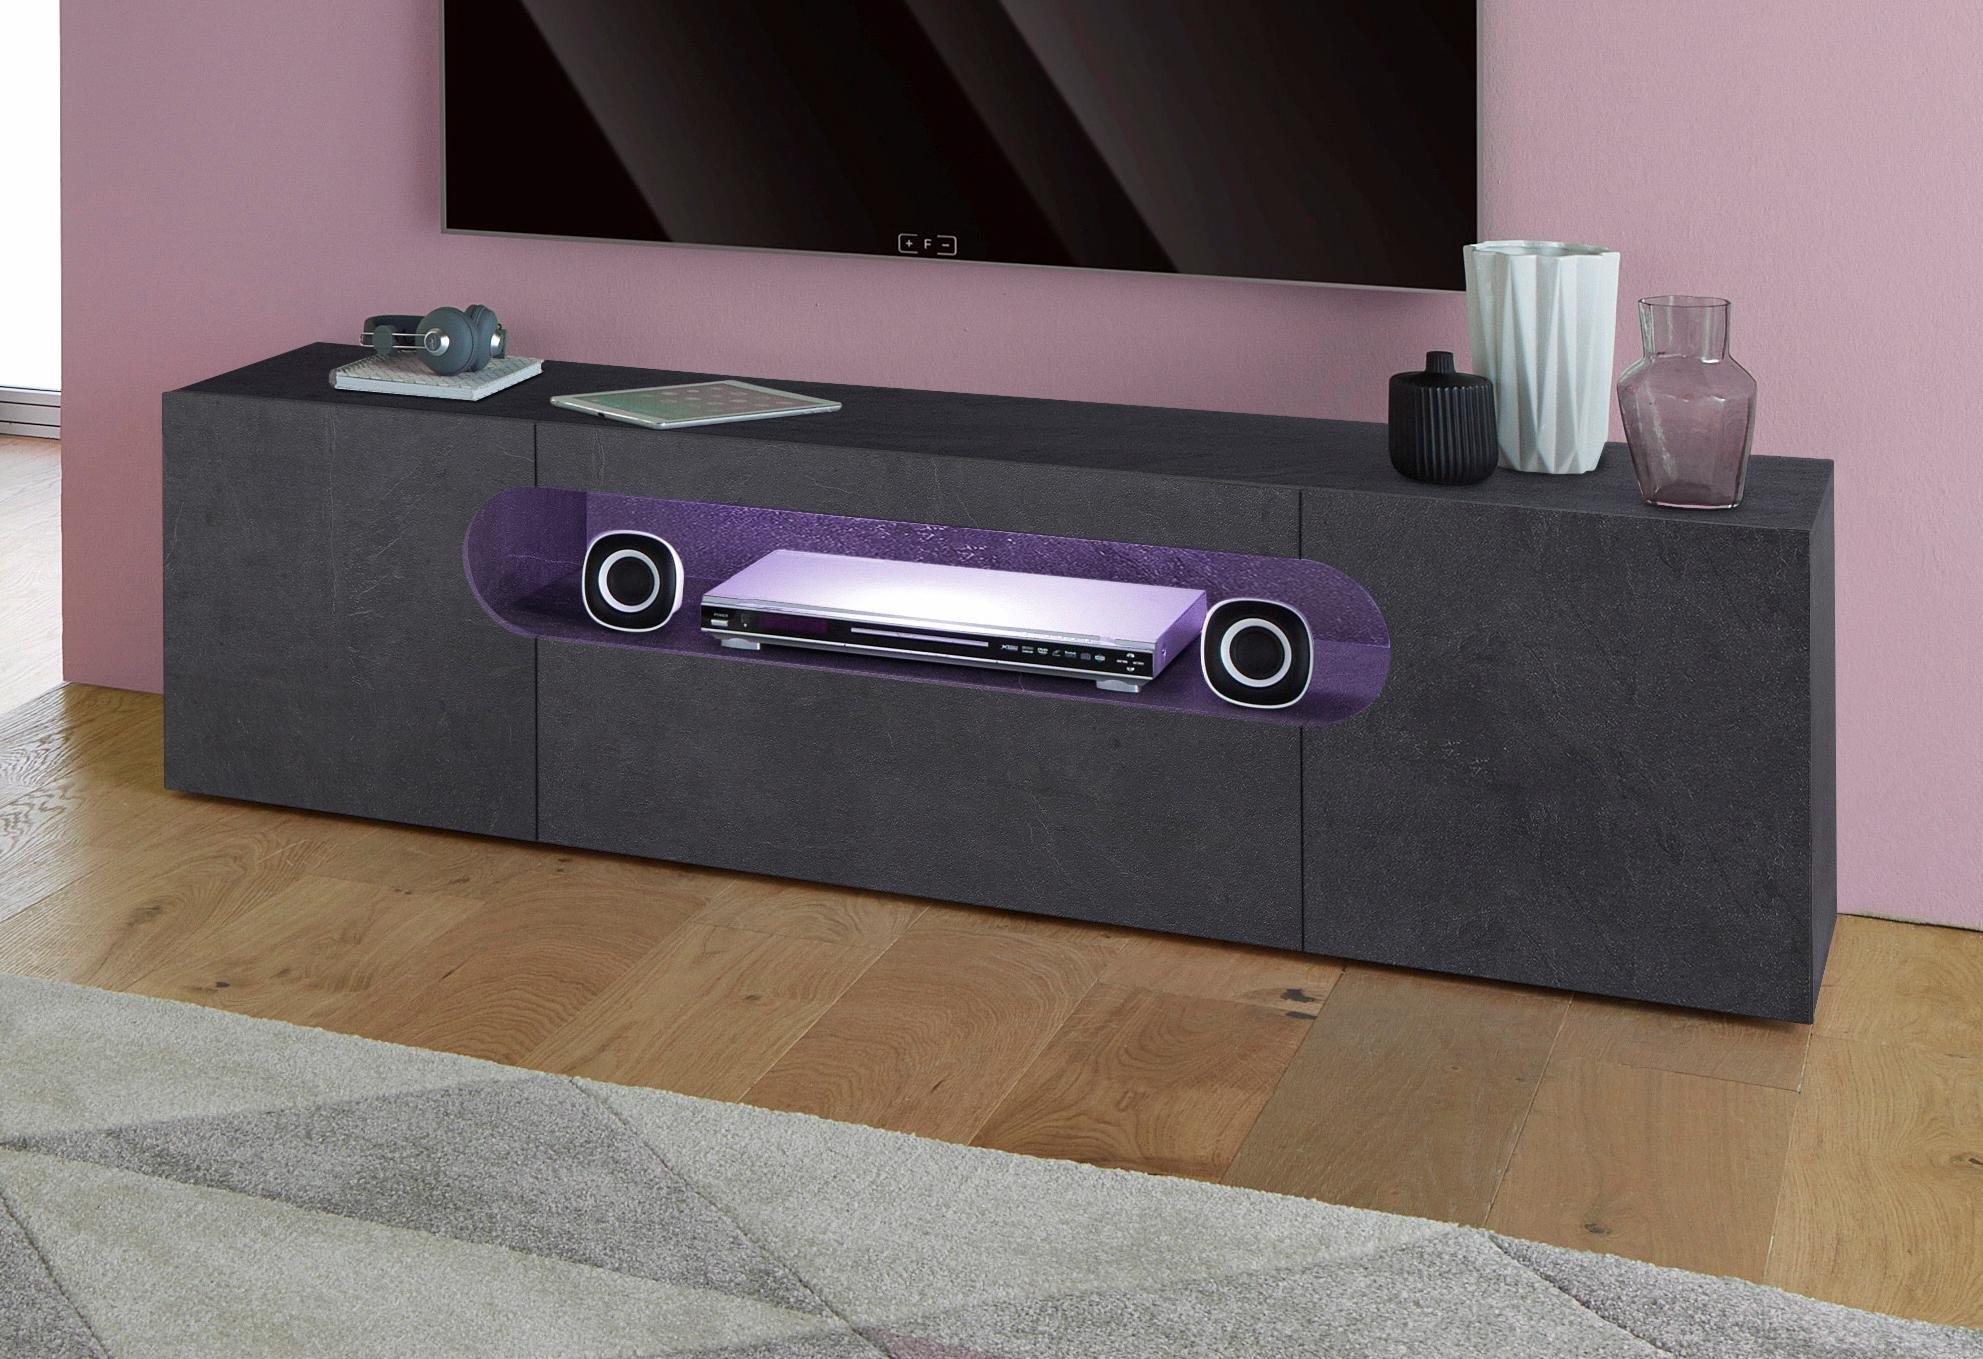 Tv Meubel Met Lift 55 Inch.Tv Meubel Online Kopen Ruim 400 Tv Meubels Otto